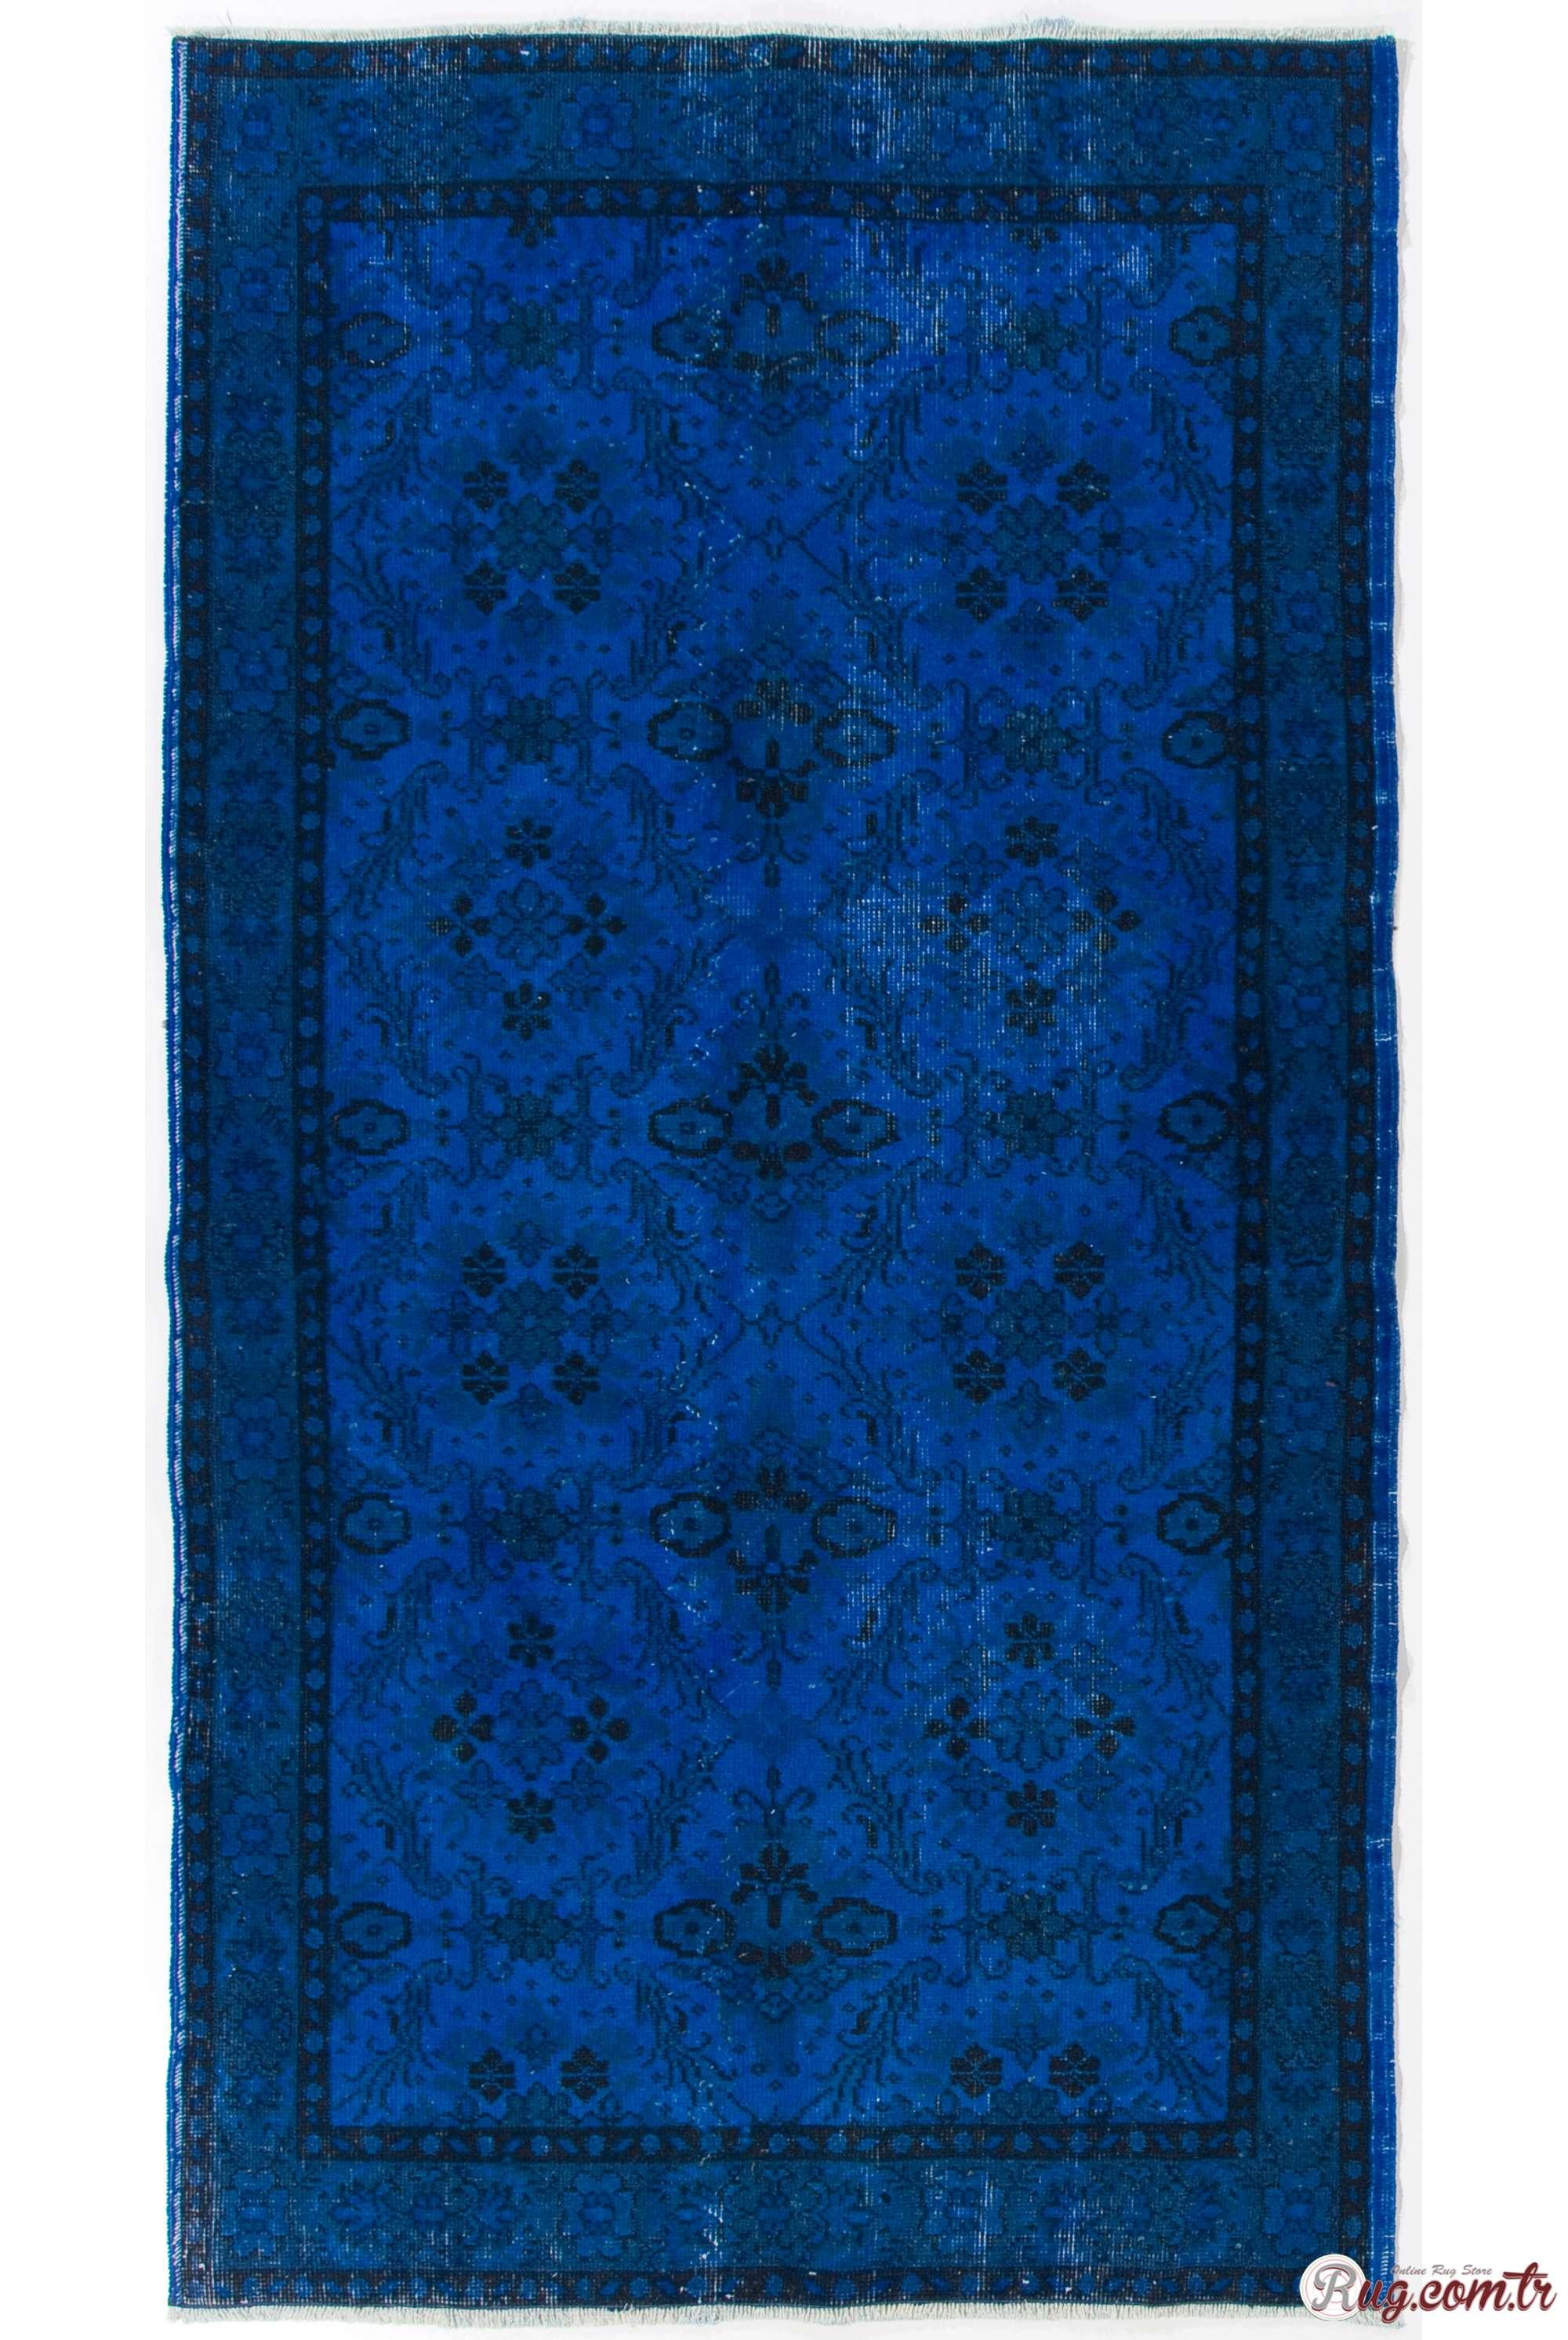 Cobalt Blue Color Vintage Overdyed Handmade Turkish Rug